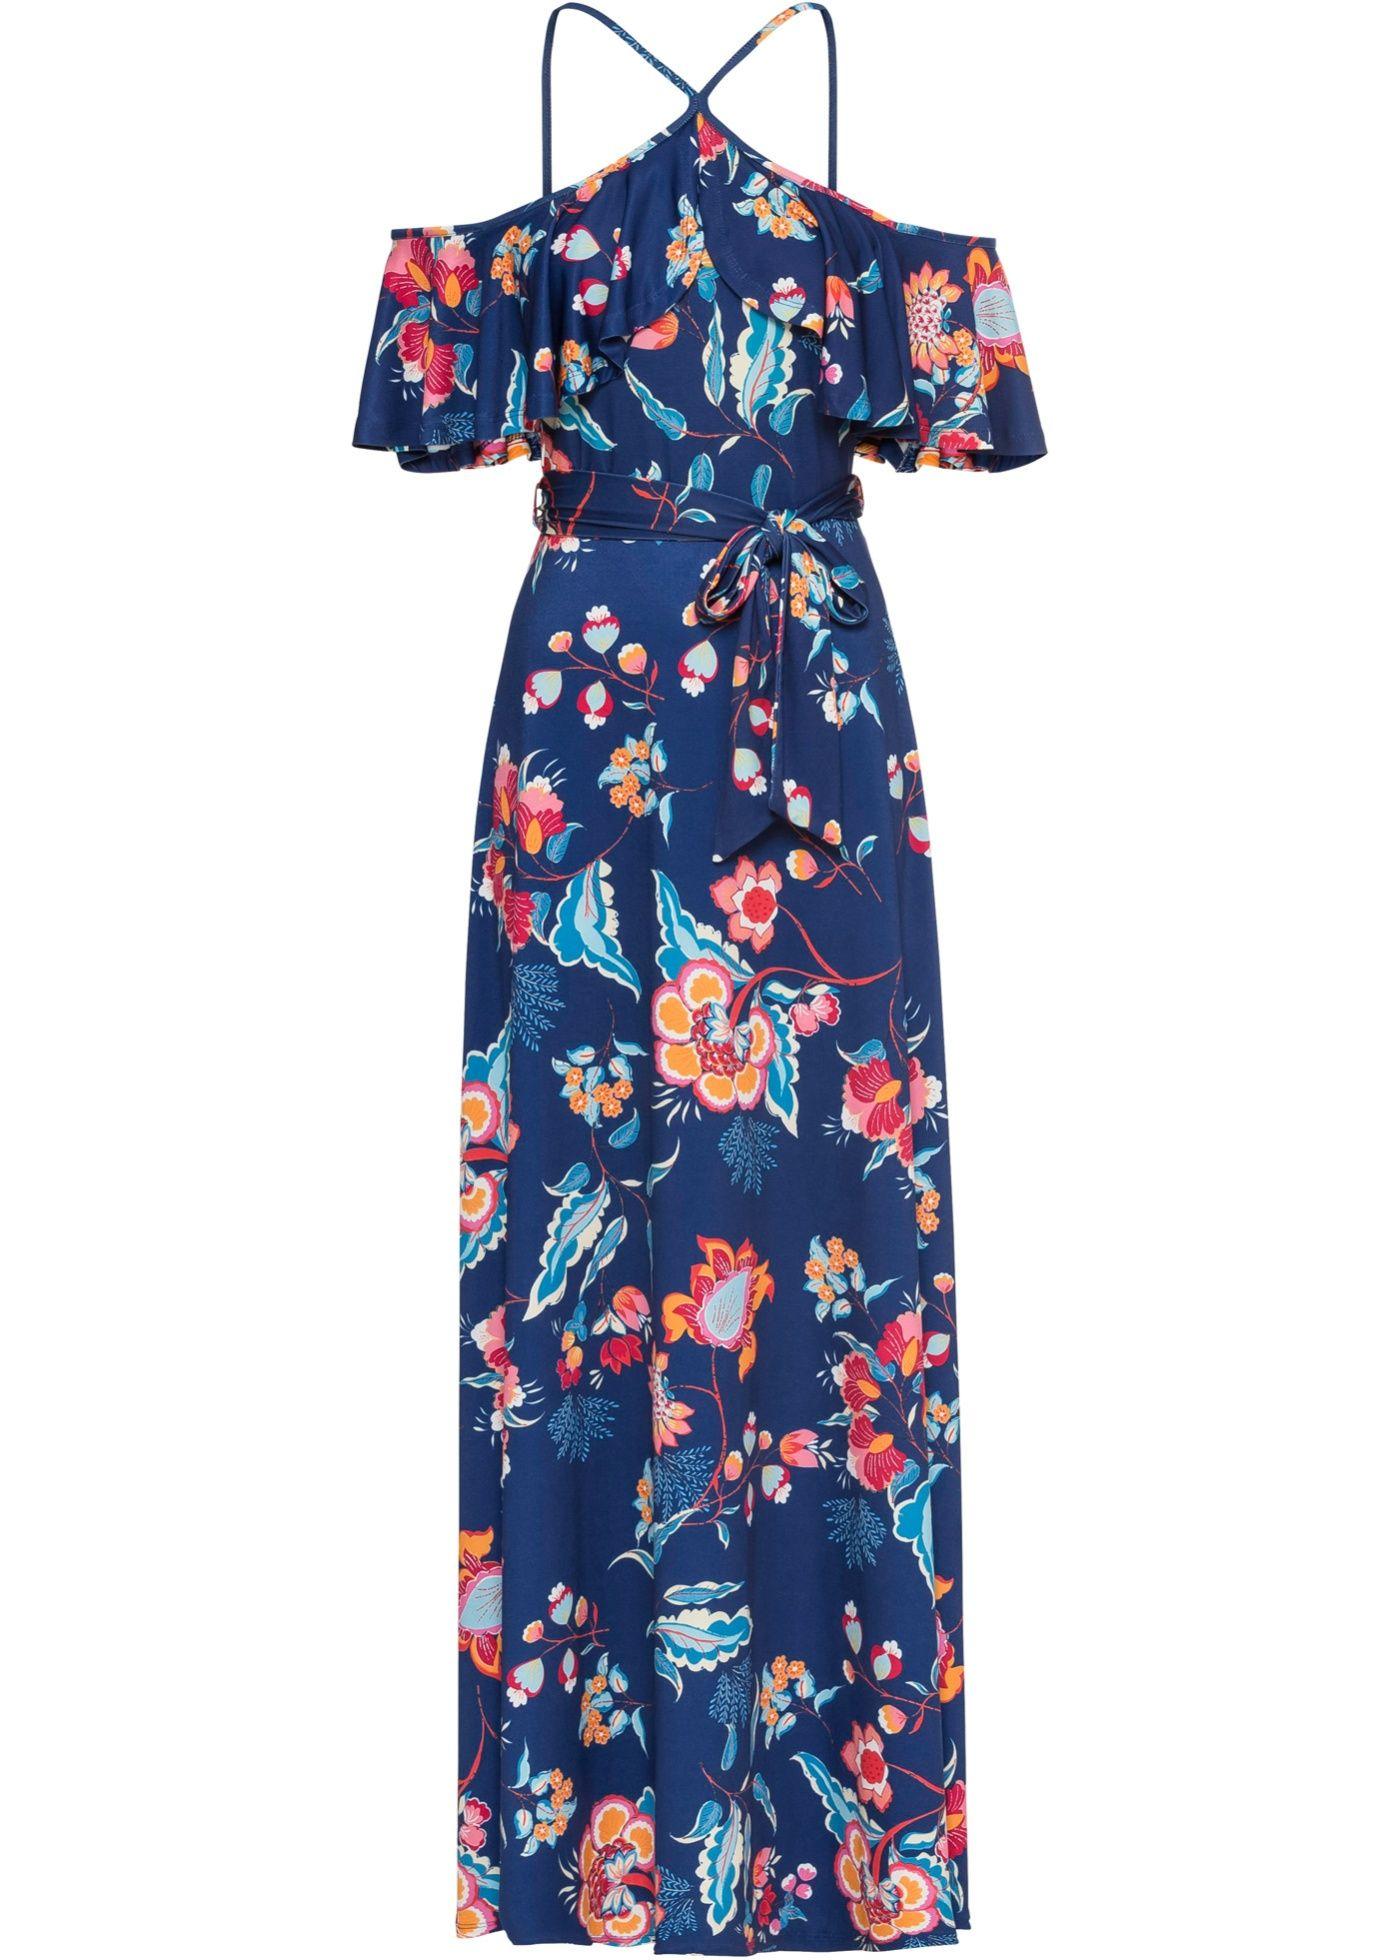 Sommerkleid  Sommerkleid, Maxi kleider sommer, Kleider